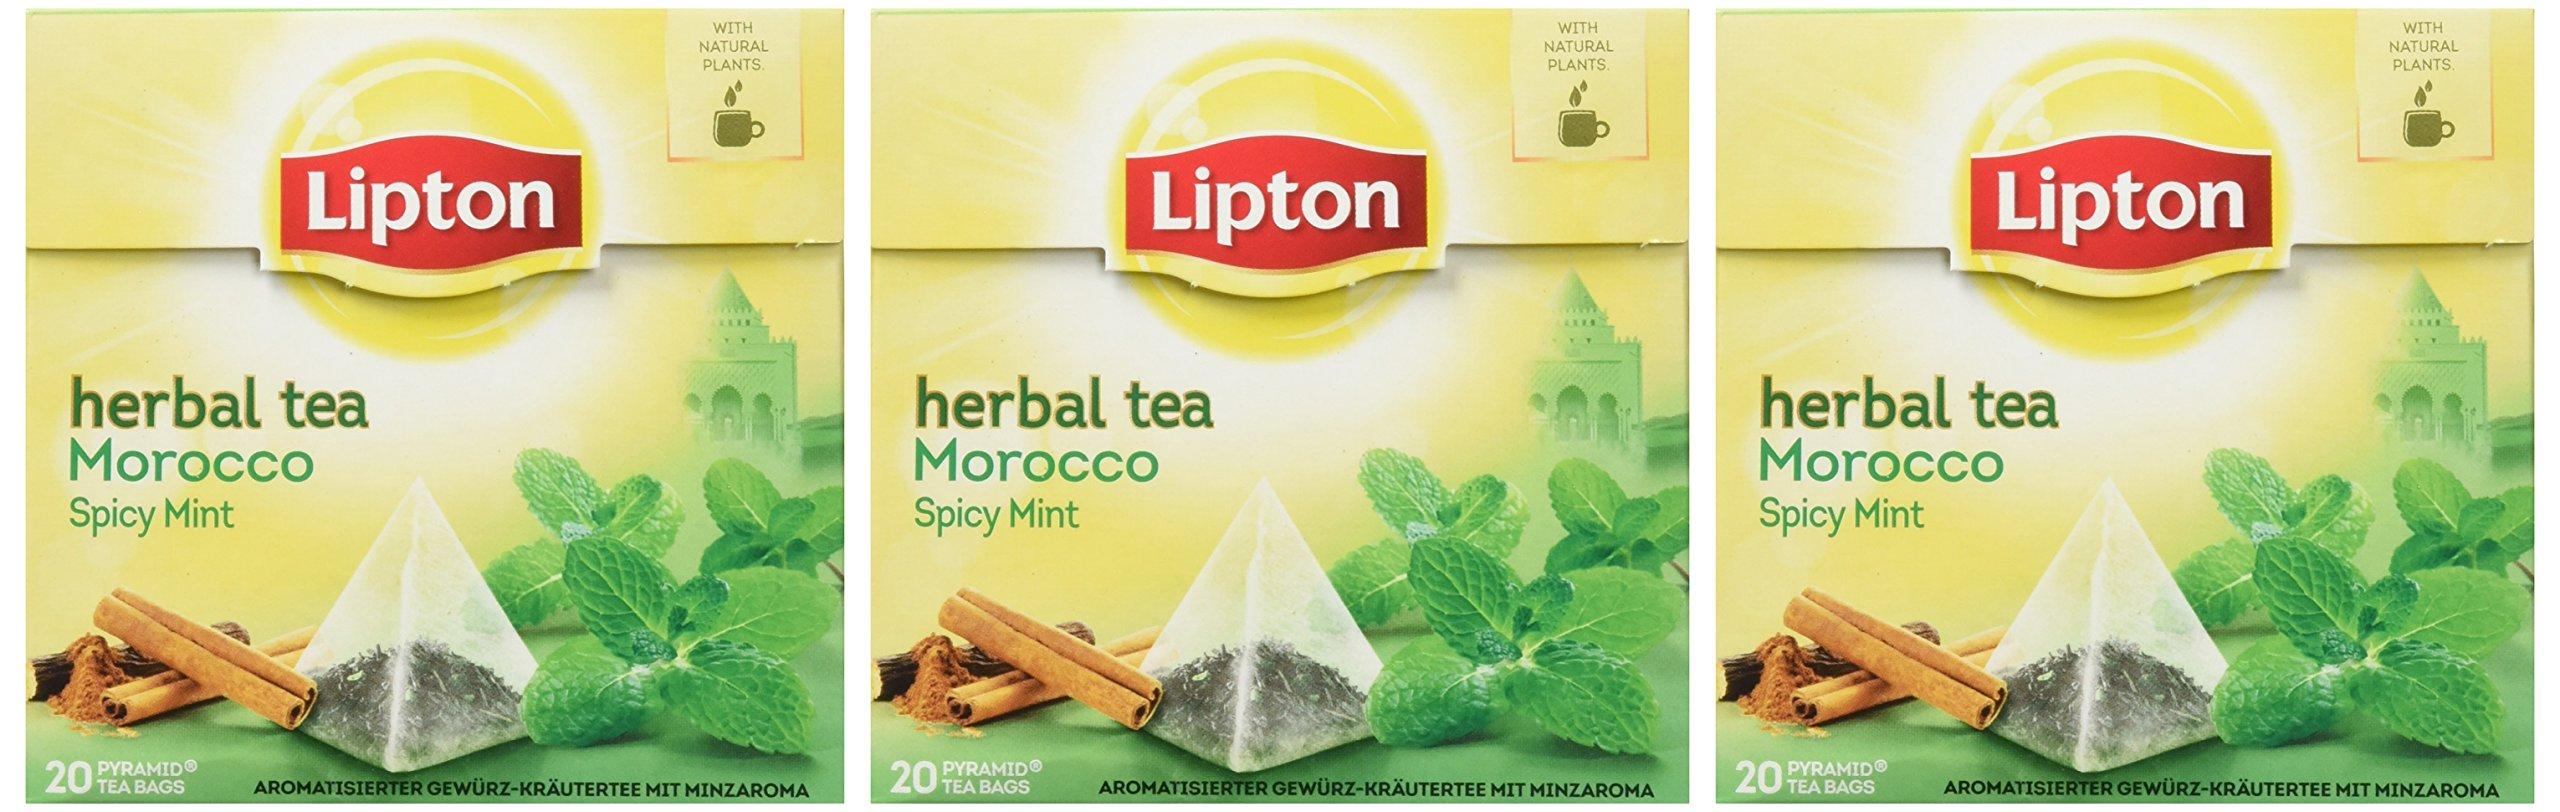 Lipton-Krutertee-Pyramidenbeutel-20-Stck-3er-Pack